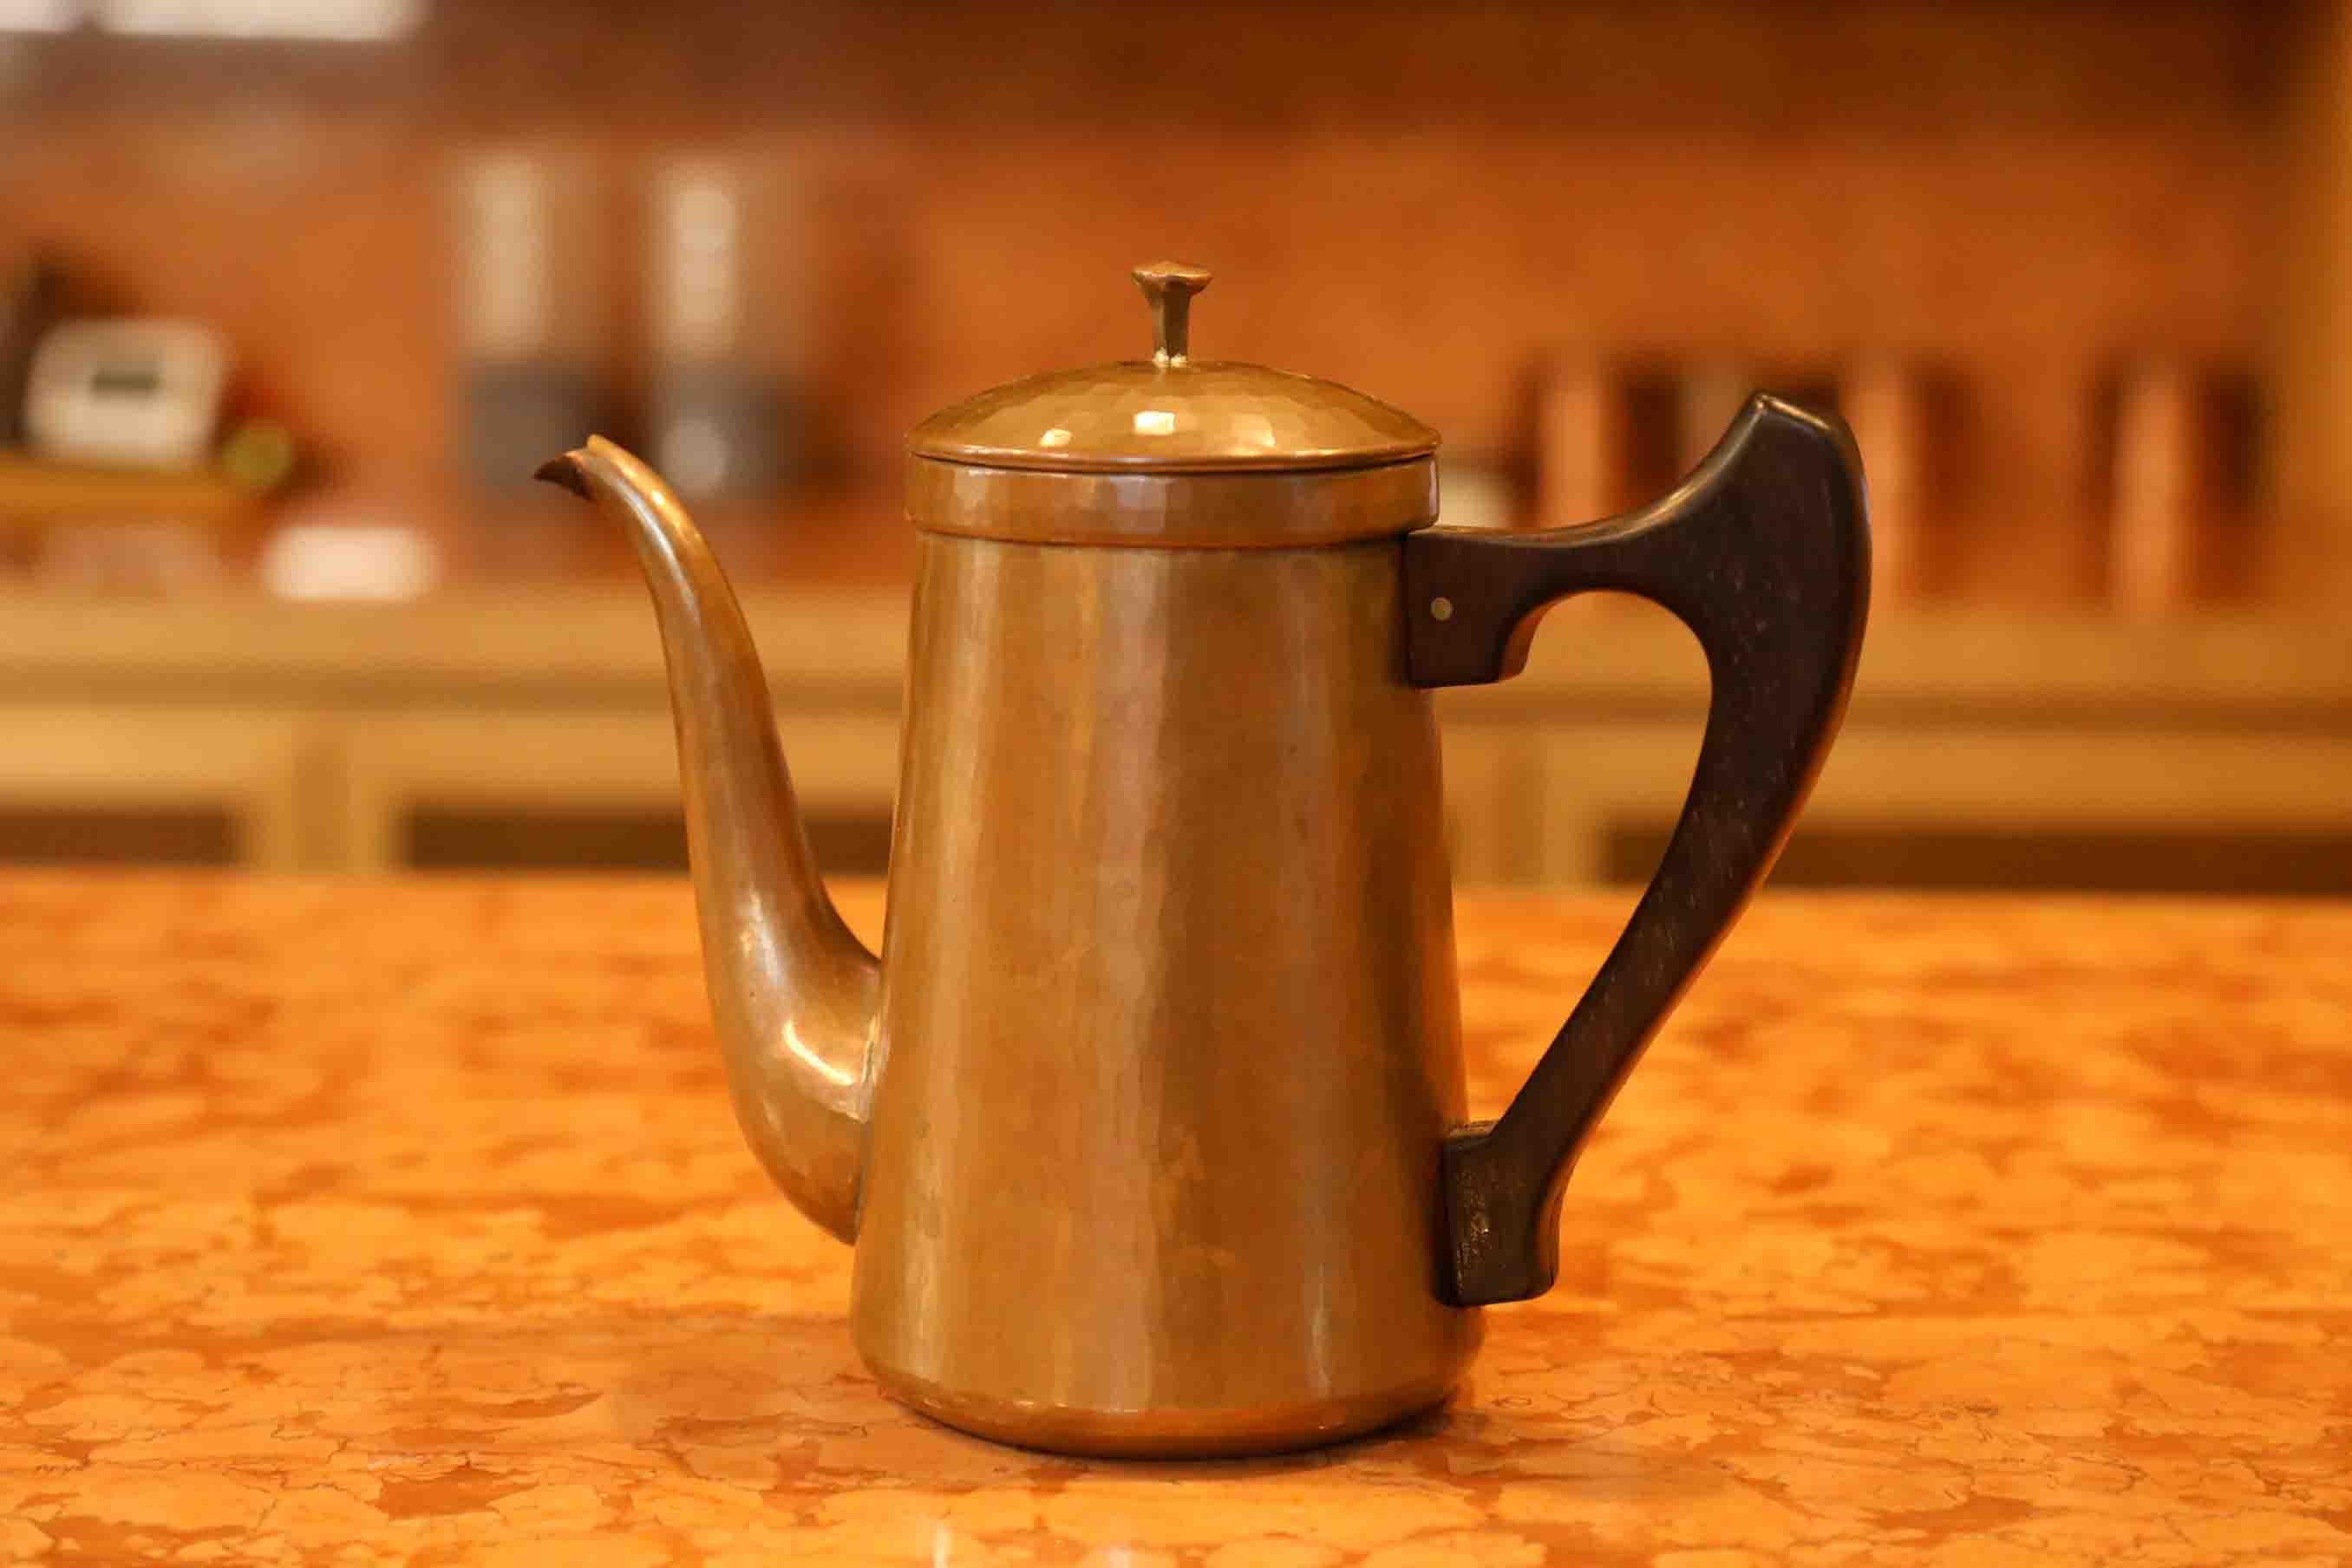 鍛金工房 WESTSIDE33と作ったコーヒーのポット